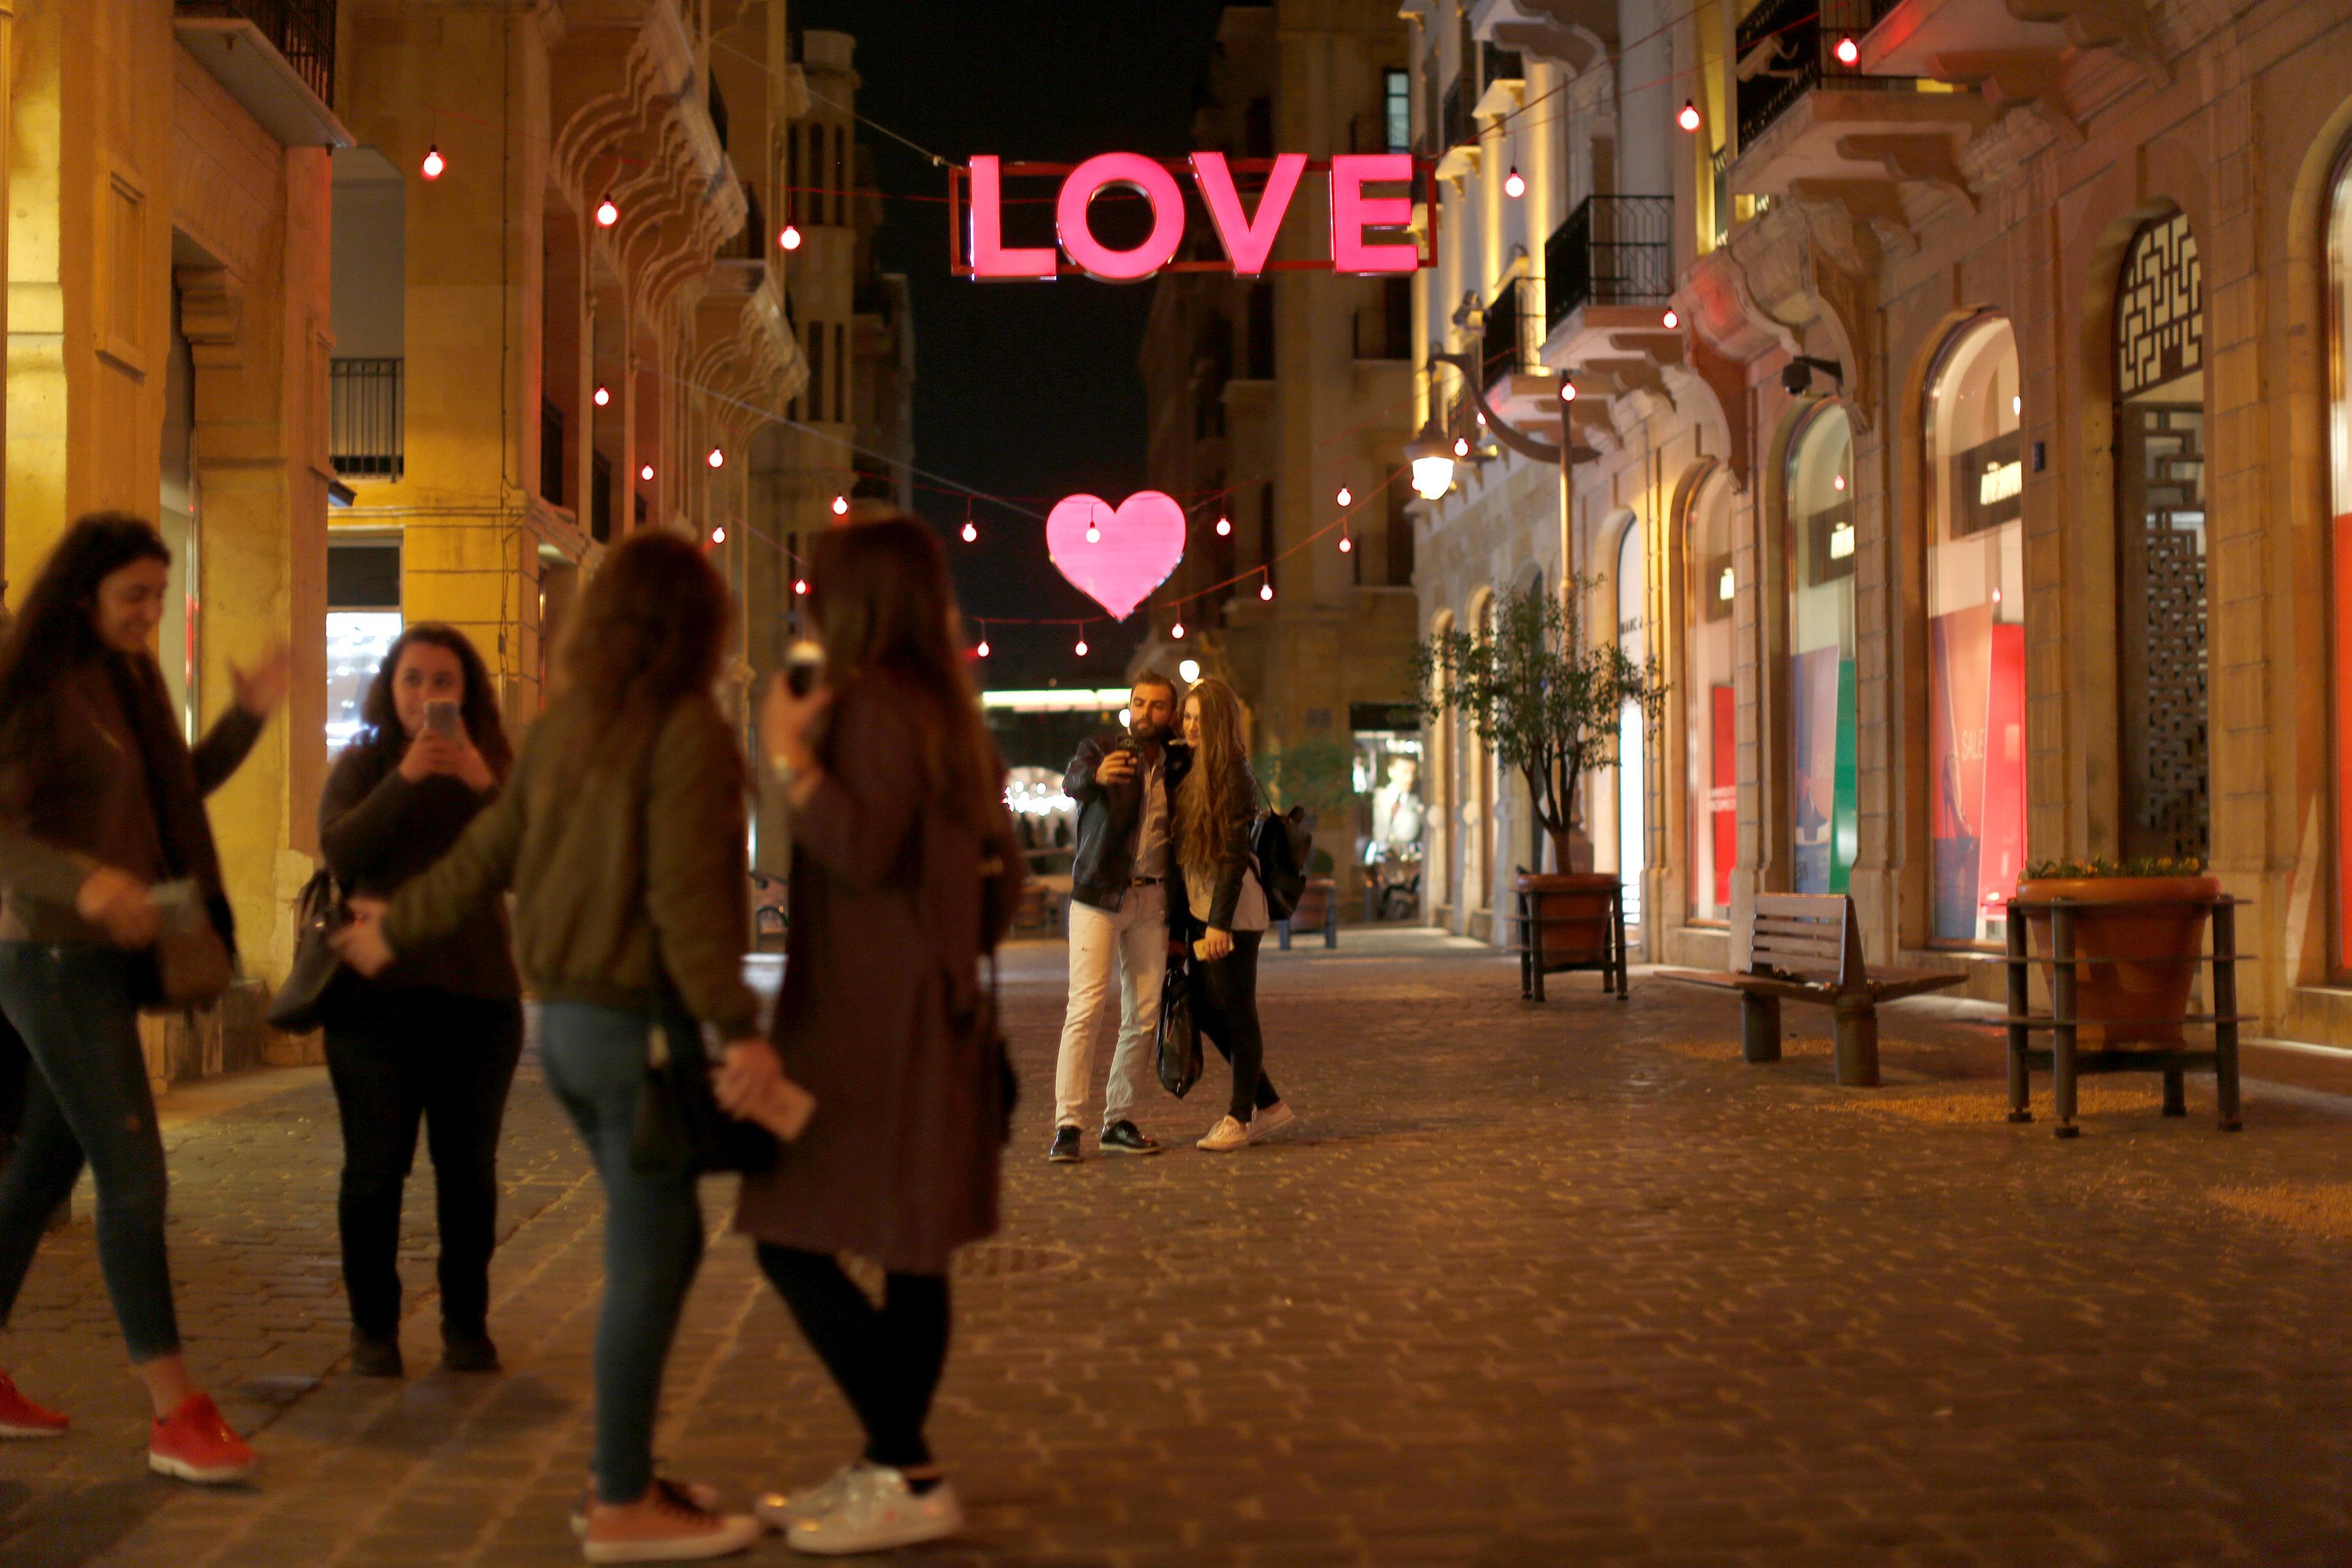 فتيات يلتقطن صور سيلفى احتفالًا بعيد الحب فى لبنان